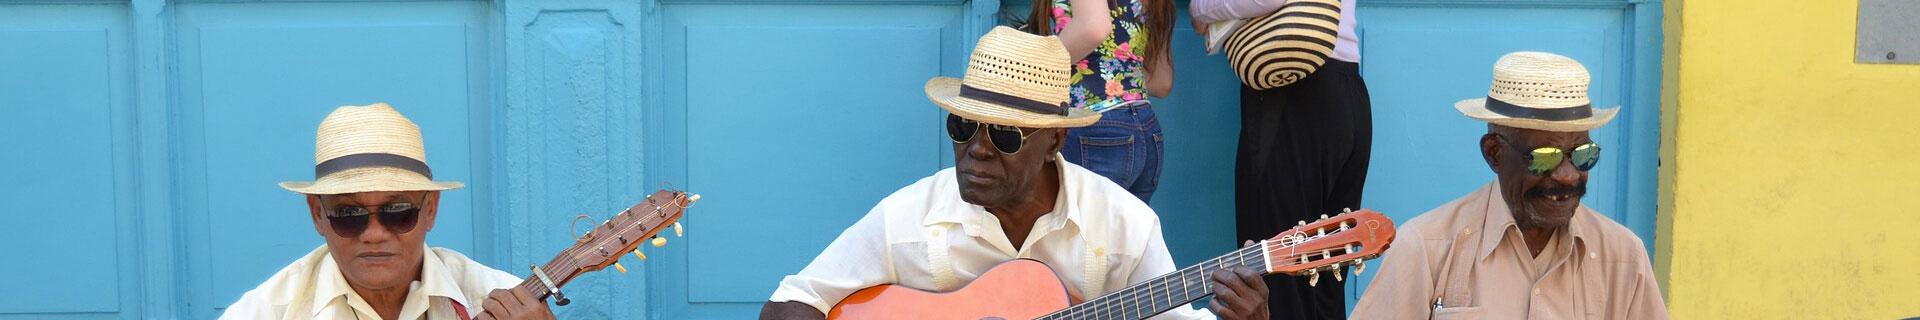 kuba-musiker